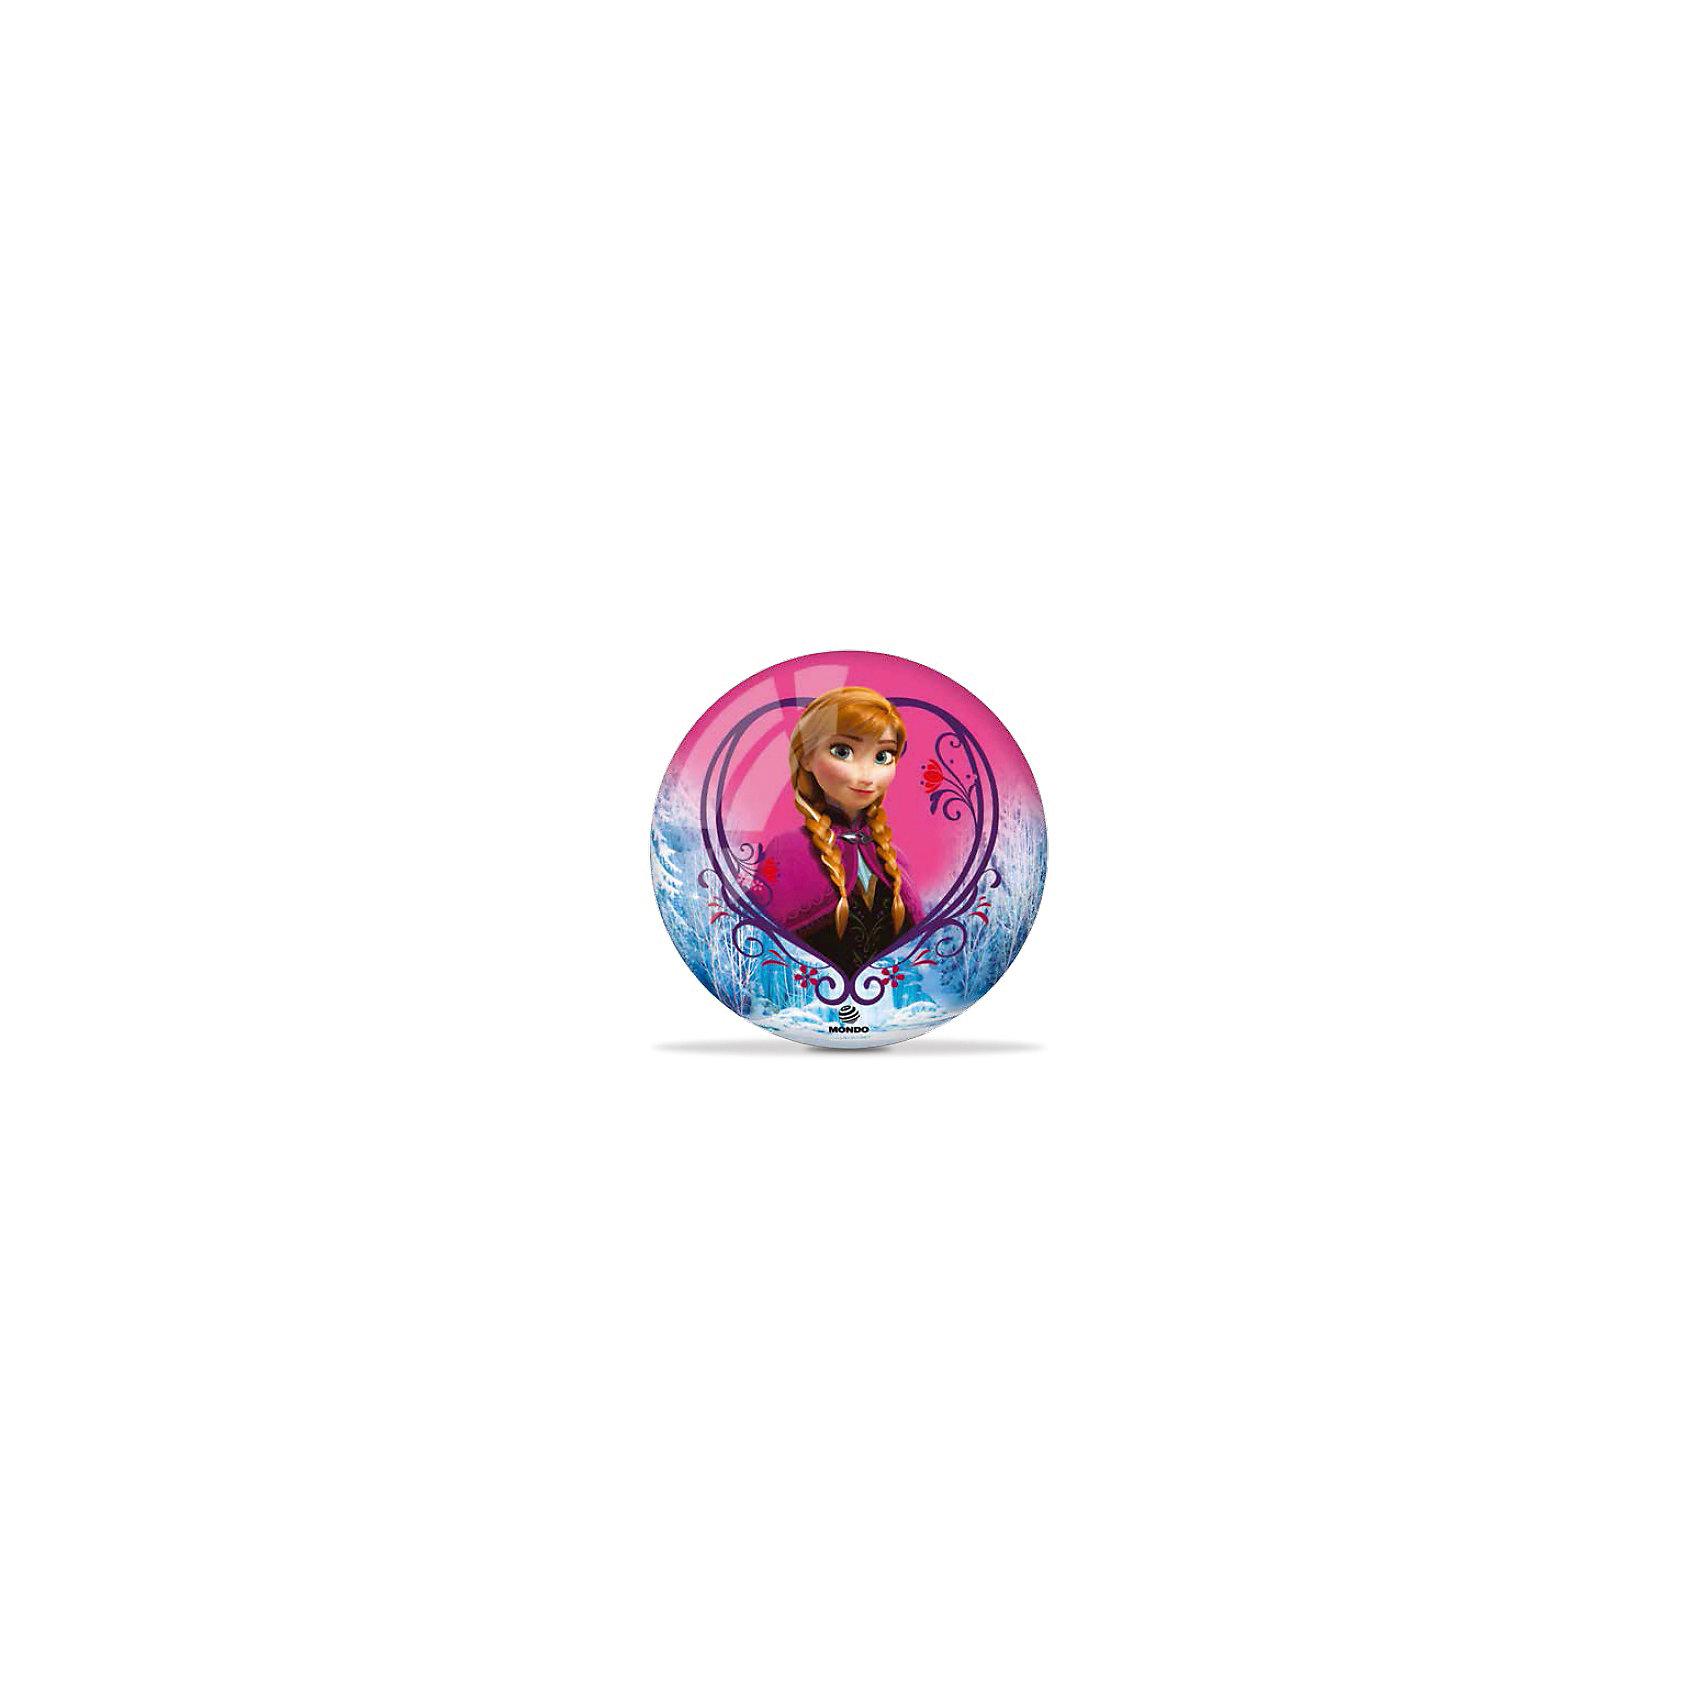 Мяч Холодное сердце, 23 см,  MondoКрасивый, яркий мячик  с героями известного мультфильма Холодное сердце обязательно понравится ребенку. Он выполнен из высококачественной прочной резины, при нанесении изображения использованы безопасные для детей красители, имеет удобный для игр размер. Игра в мяч развивает координацию движений, моторику рук и ног, стимулирует детей к физической активности и просто приносит множество улыбок и веселых мгновений.<br><br>Дополнительная информация:<br><br>- Материал: резина.<br>- Цвет: голубой, розовый.<br>- Рисунок Холодное сердце<br>- Размер: 23 см. <br><br>Мяч Холодное сердце, 23 см,  Mondo можно купить в нашем магазине.<br><br>Ширина мм: 230<br>Глубина мм: 230<br>Высота мм: 230<br>Вес г: 140<br>Возраст от месяцев: 36<br>Возраст до месяцев: 84<br>Пол: Женский<br>Возраст: Детский<br>SKU: 4042922